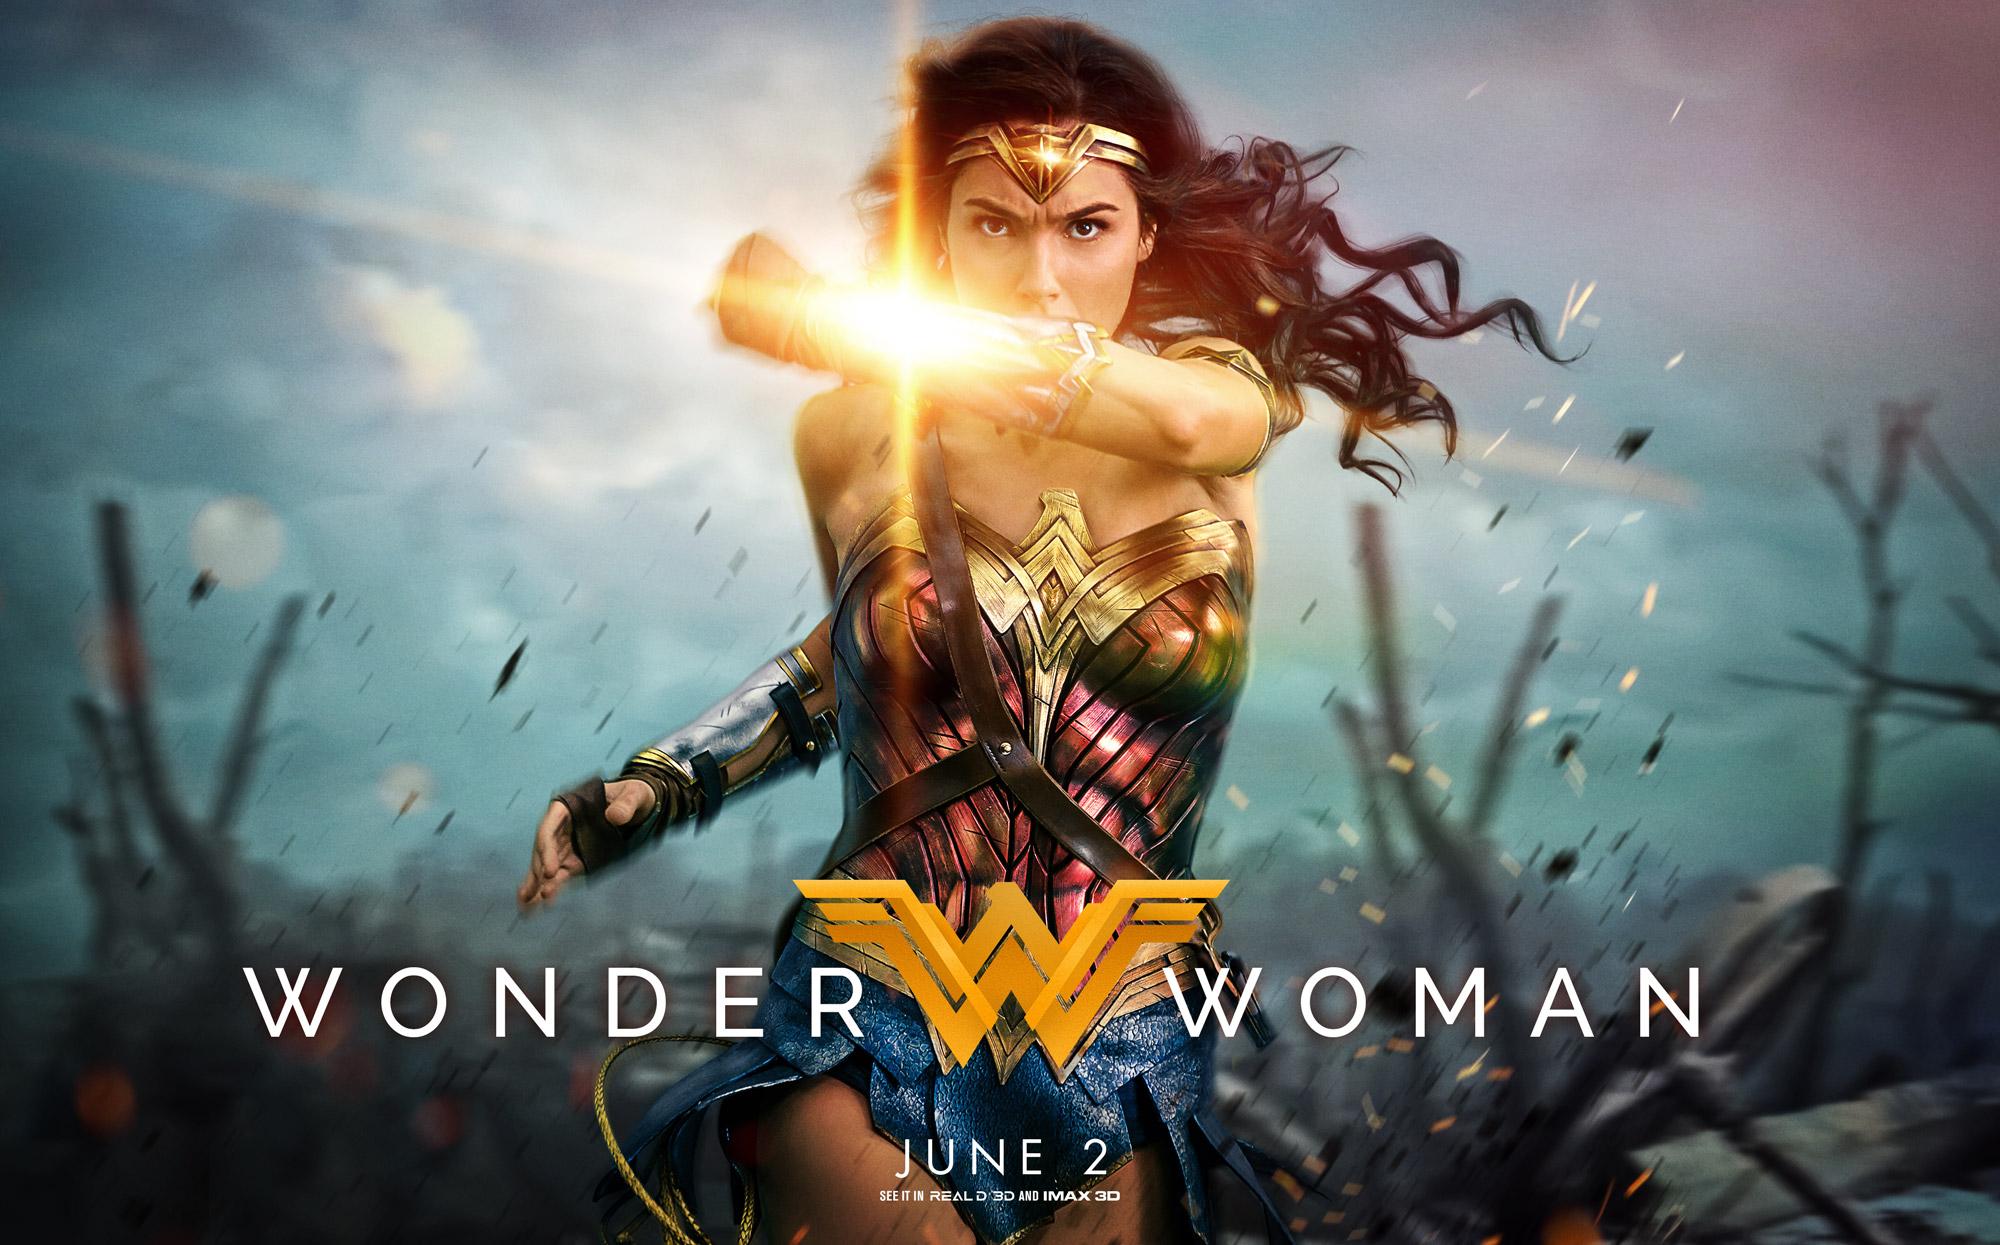 Принцесса амазонок спасает мир: вышел заключительный трейлер «Чудо-женщины»